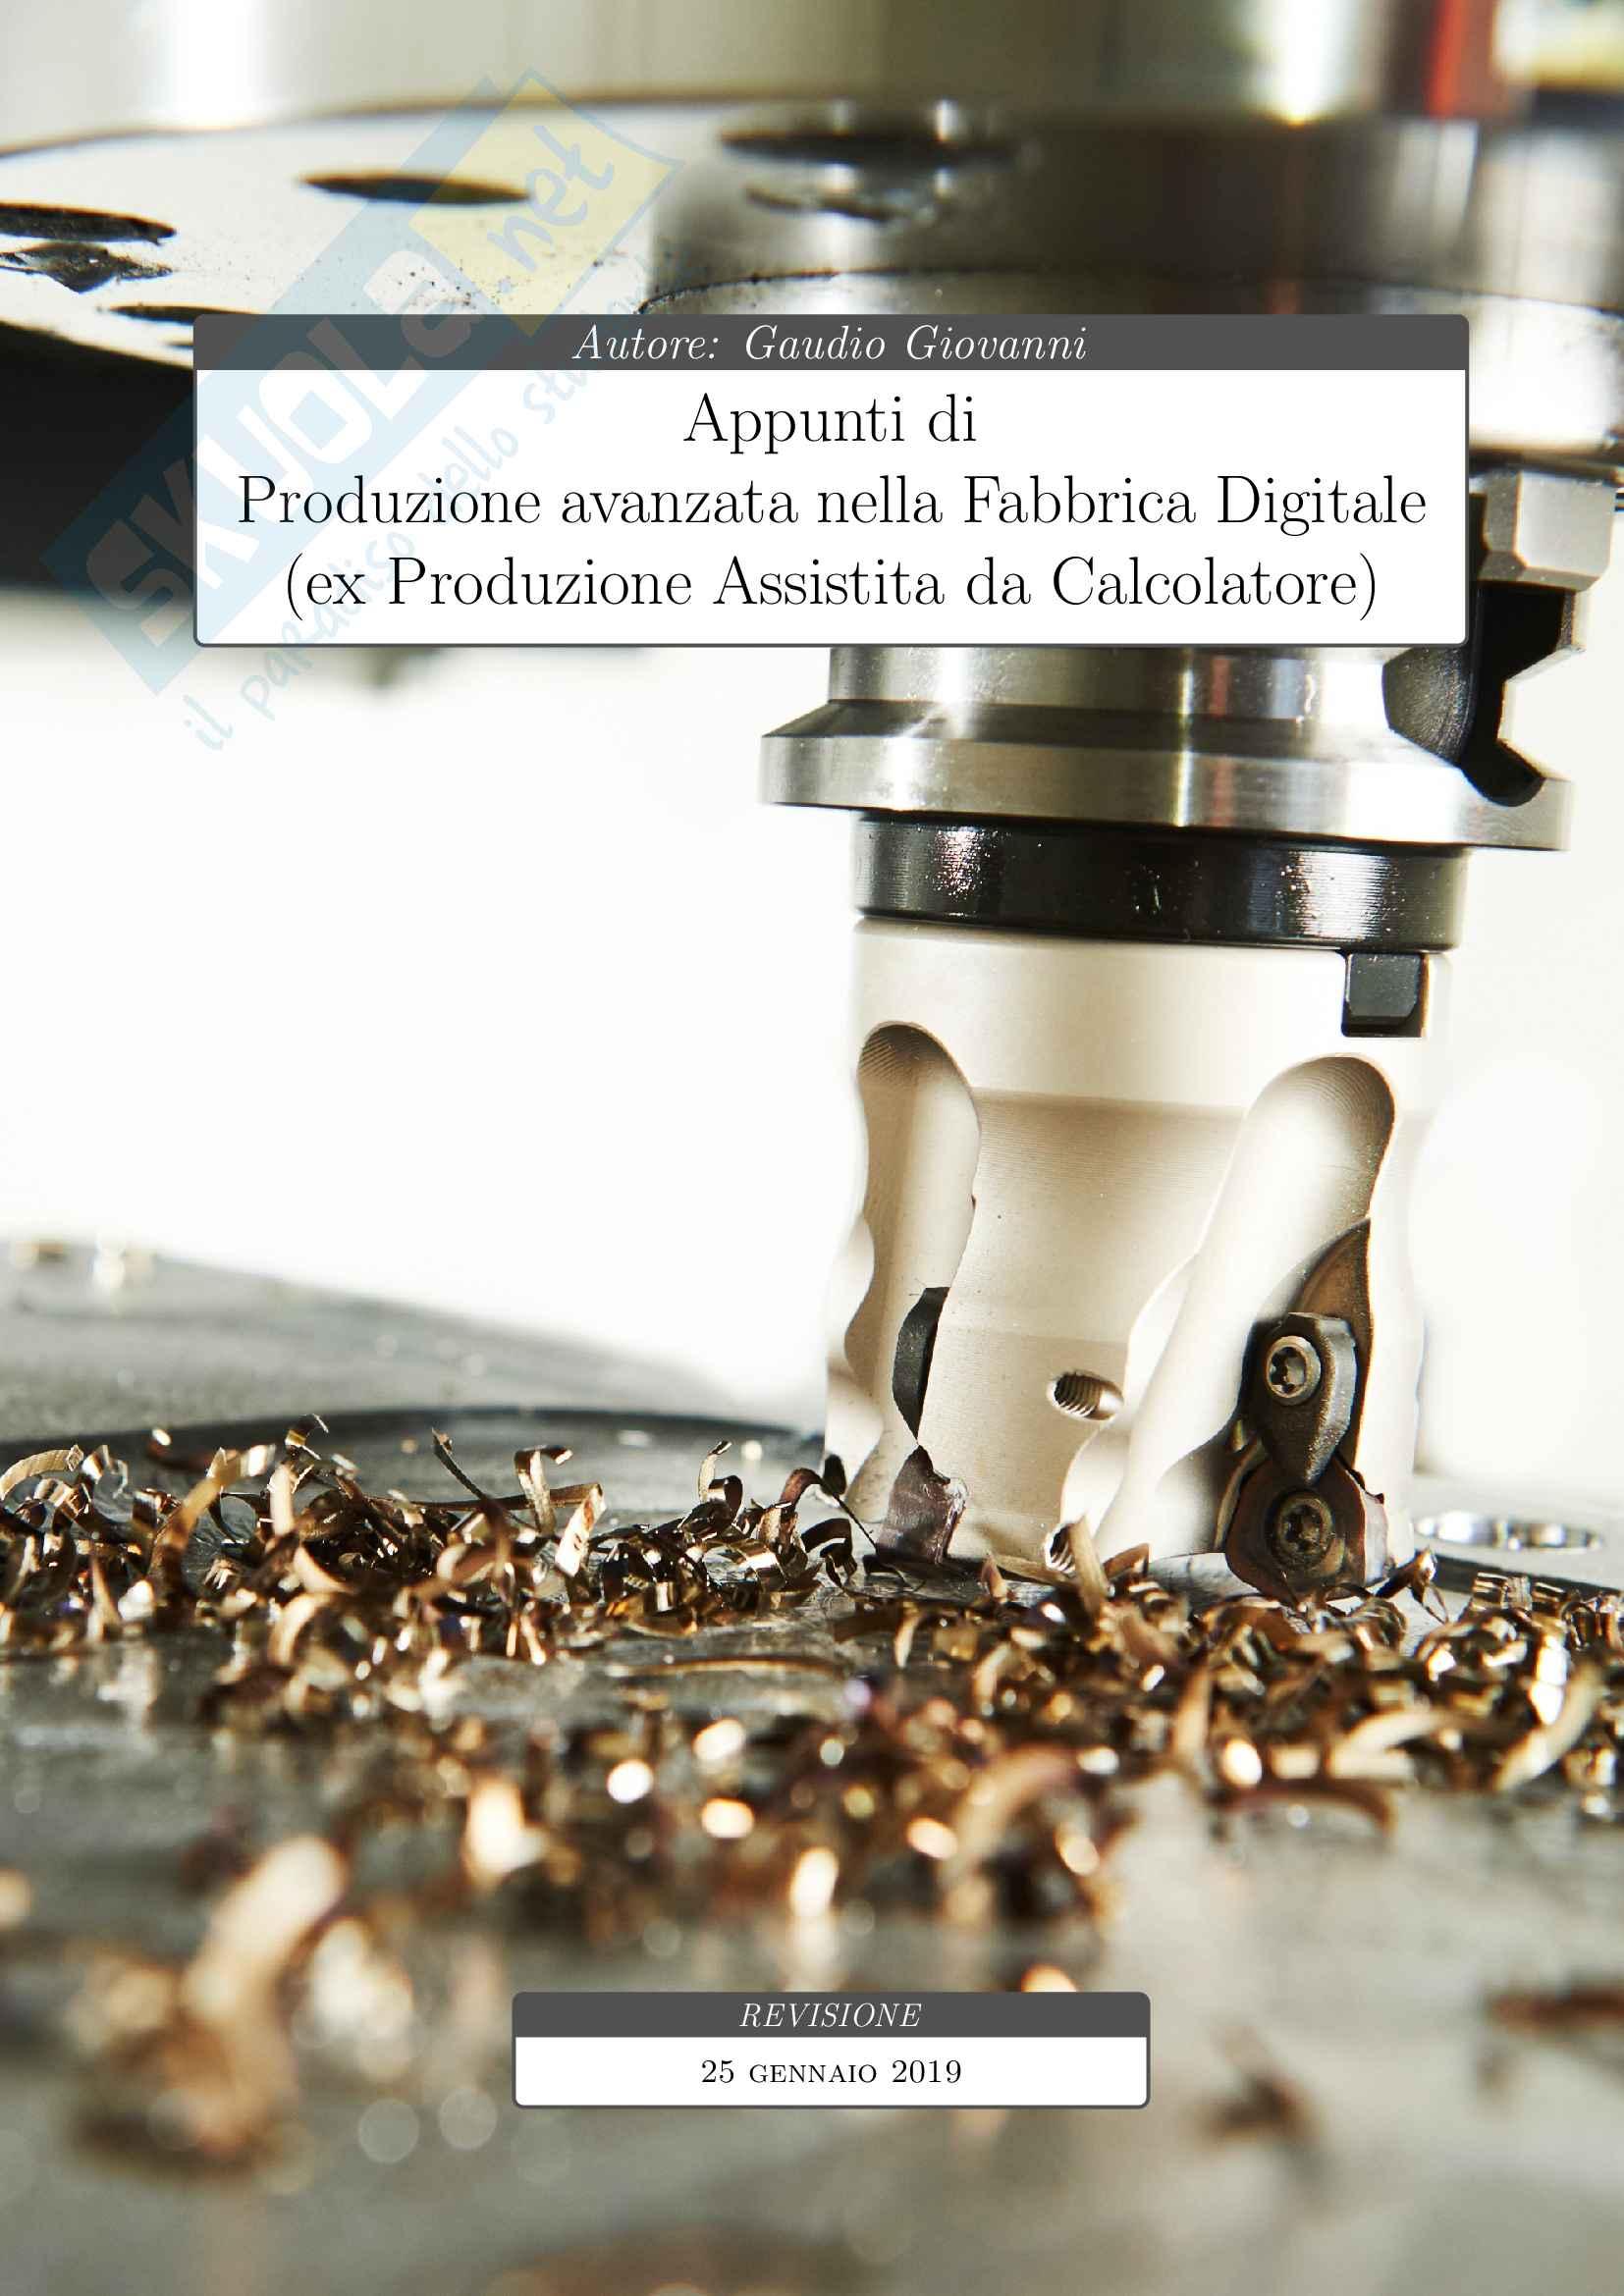 Appunti di Produzione Avanzata nella Fabbrica Digitale + Progetto completo [PAFD - ex PAC]